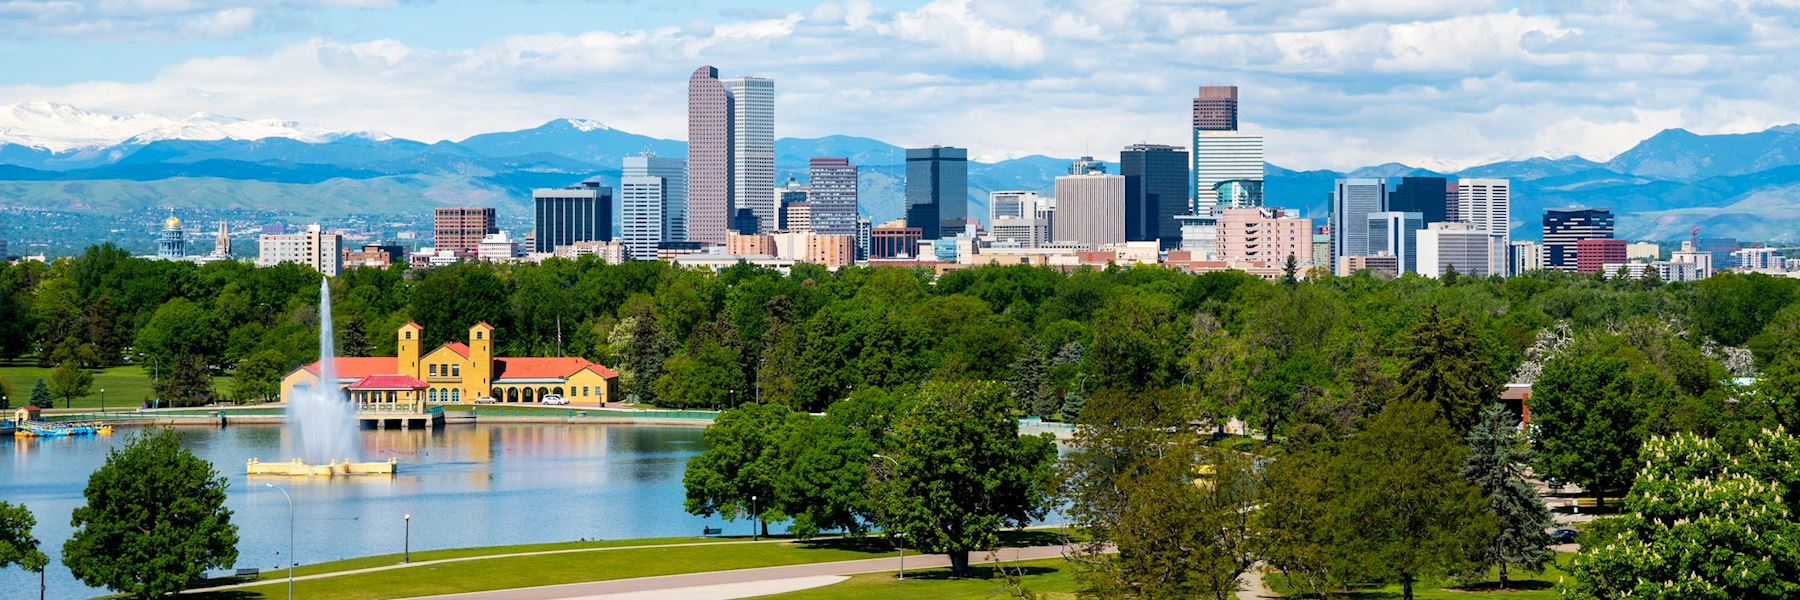 Visit Denver, USA